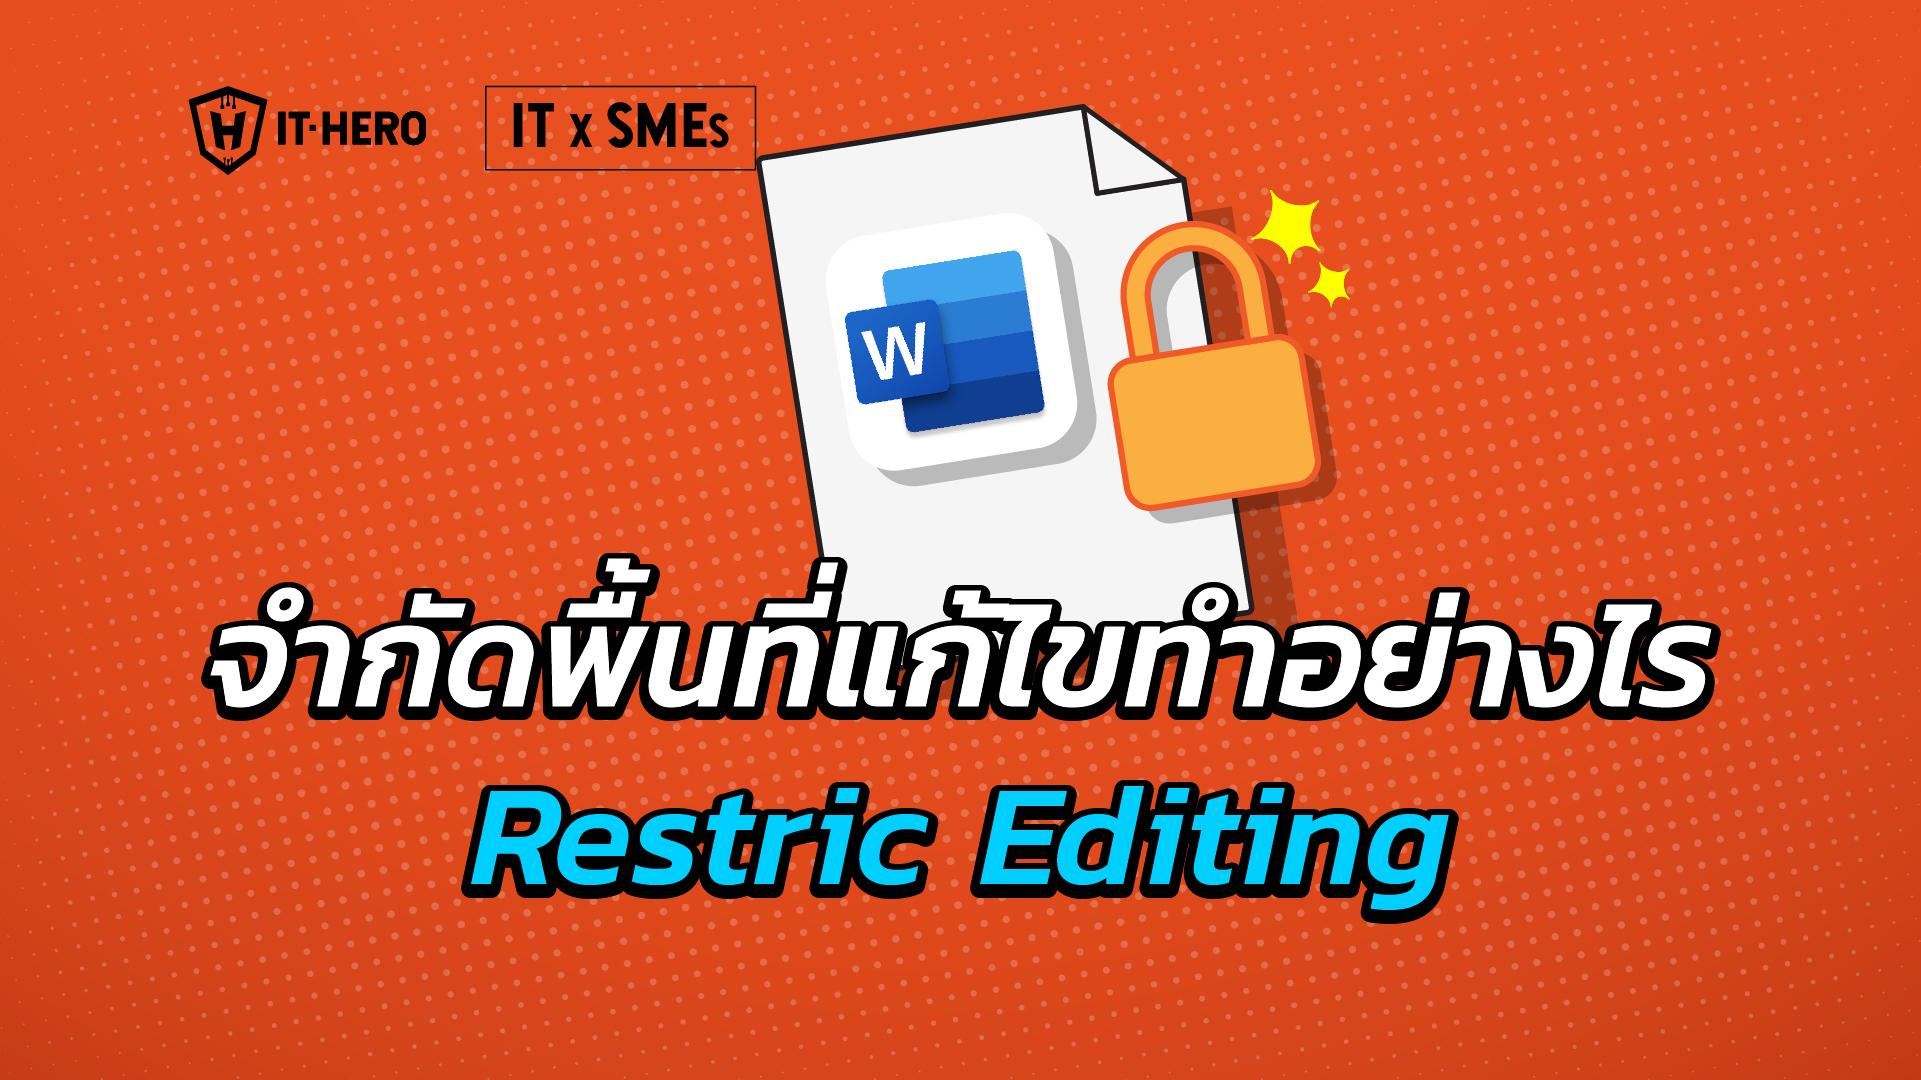 การจำกัดพื้นที่ประโยคให้สามารถแก้ไขได้บ้างประโยคทำอย่างไร Restrict Editing